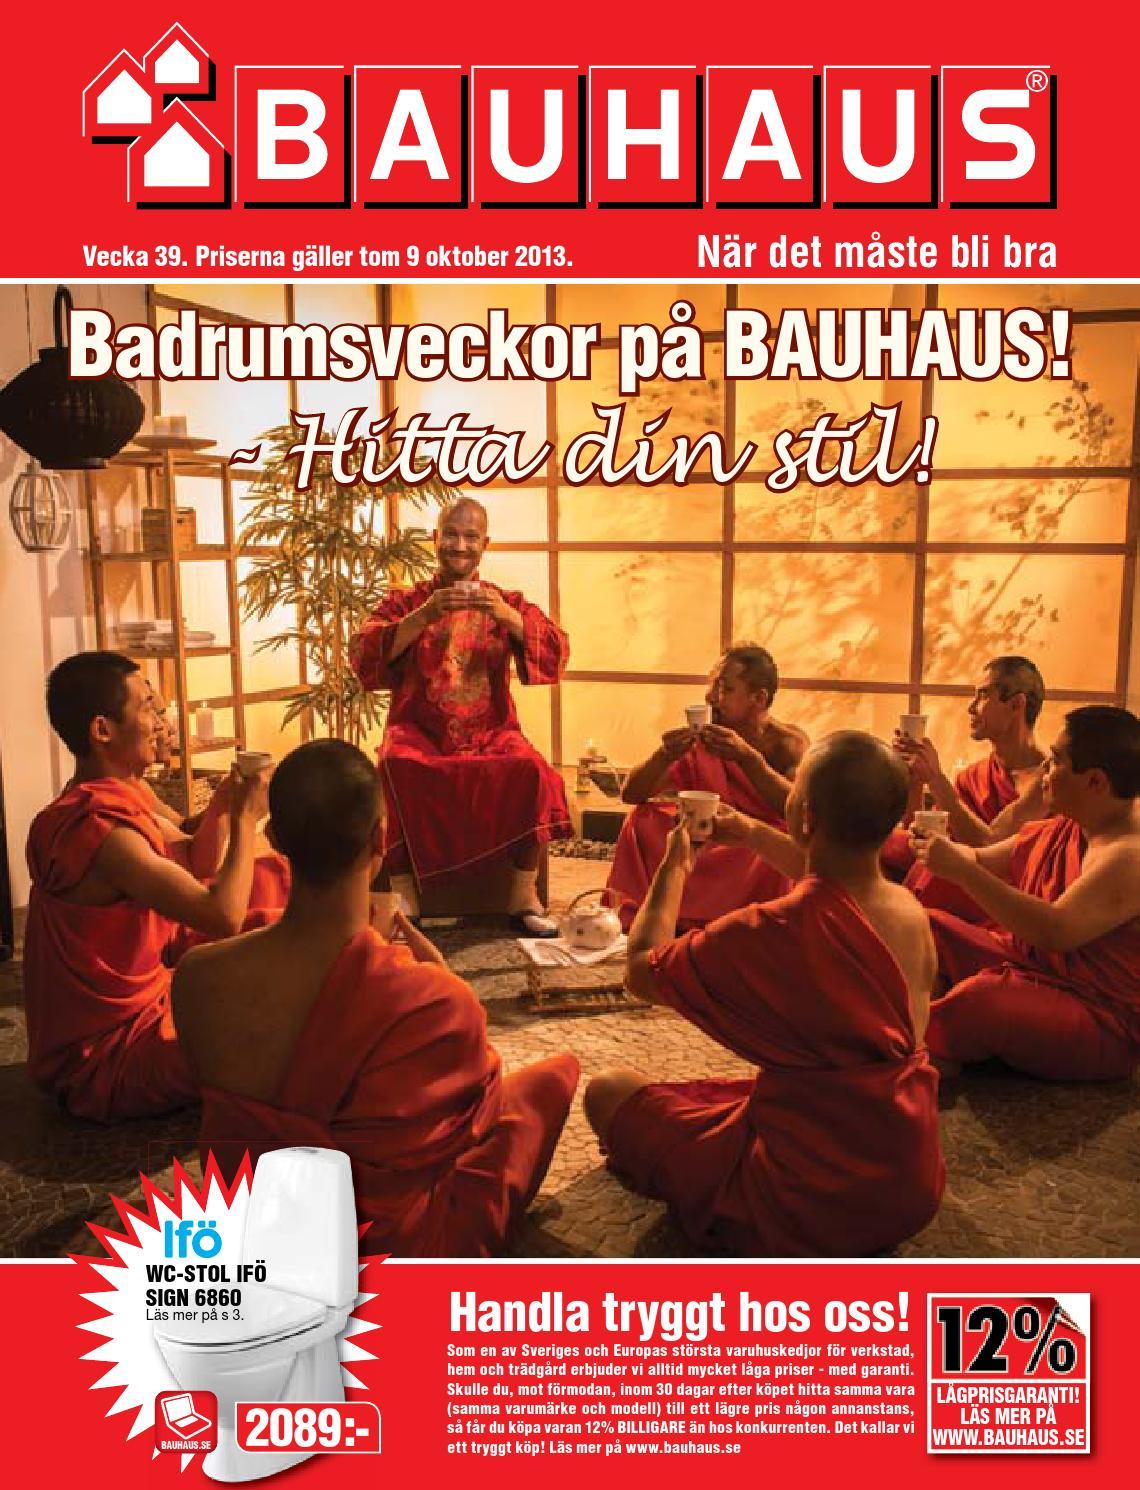 Bauhaus sverige 1702pdf by masura - issuu